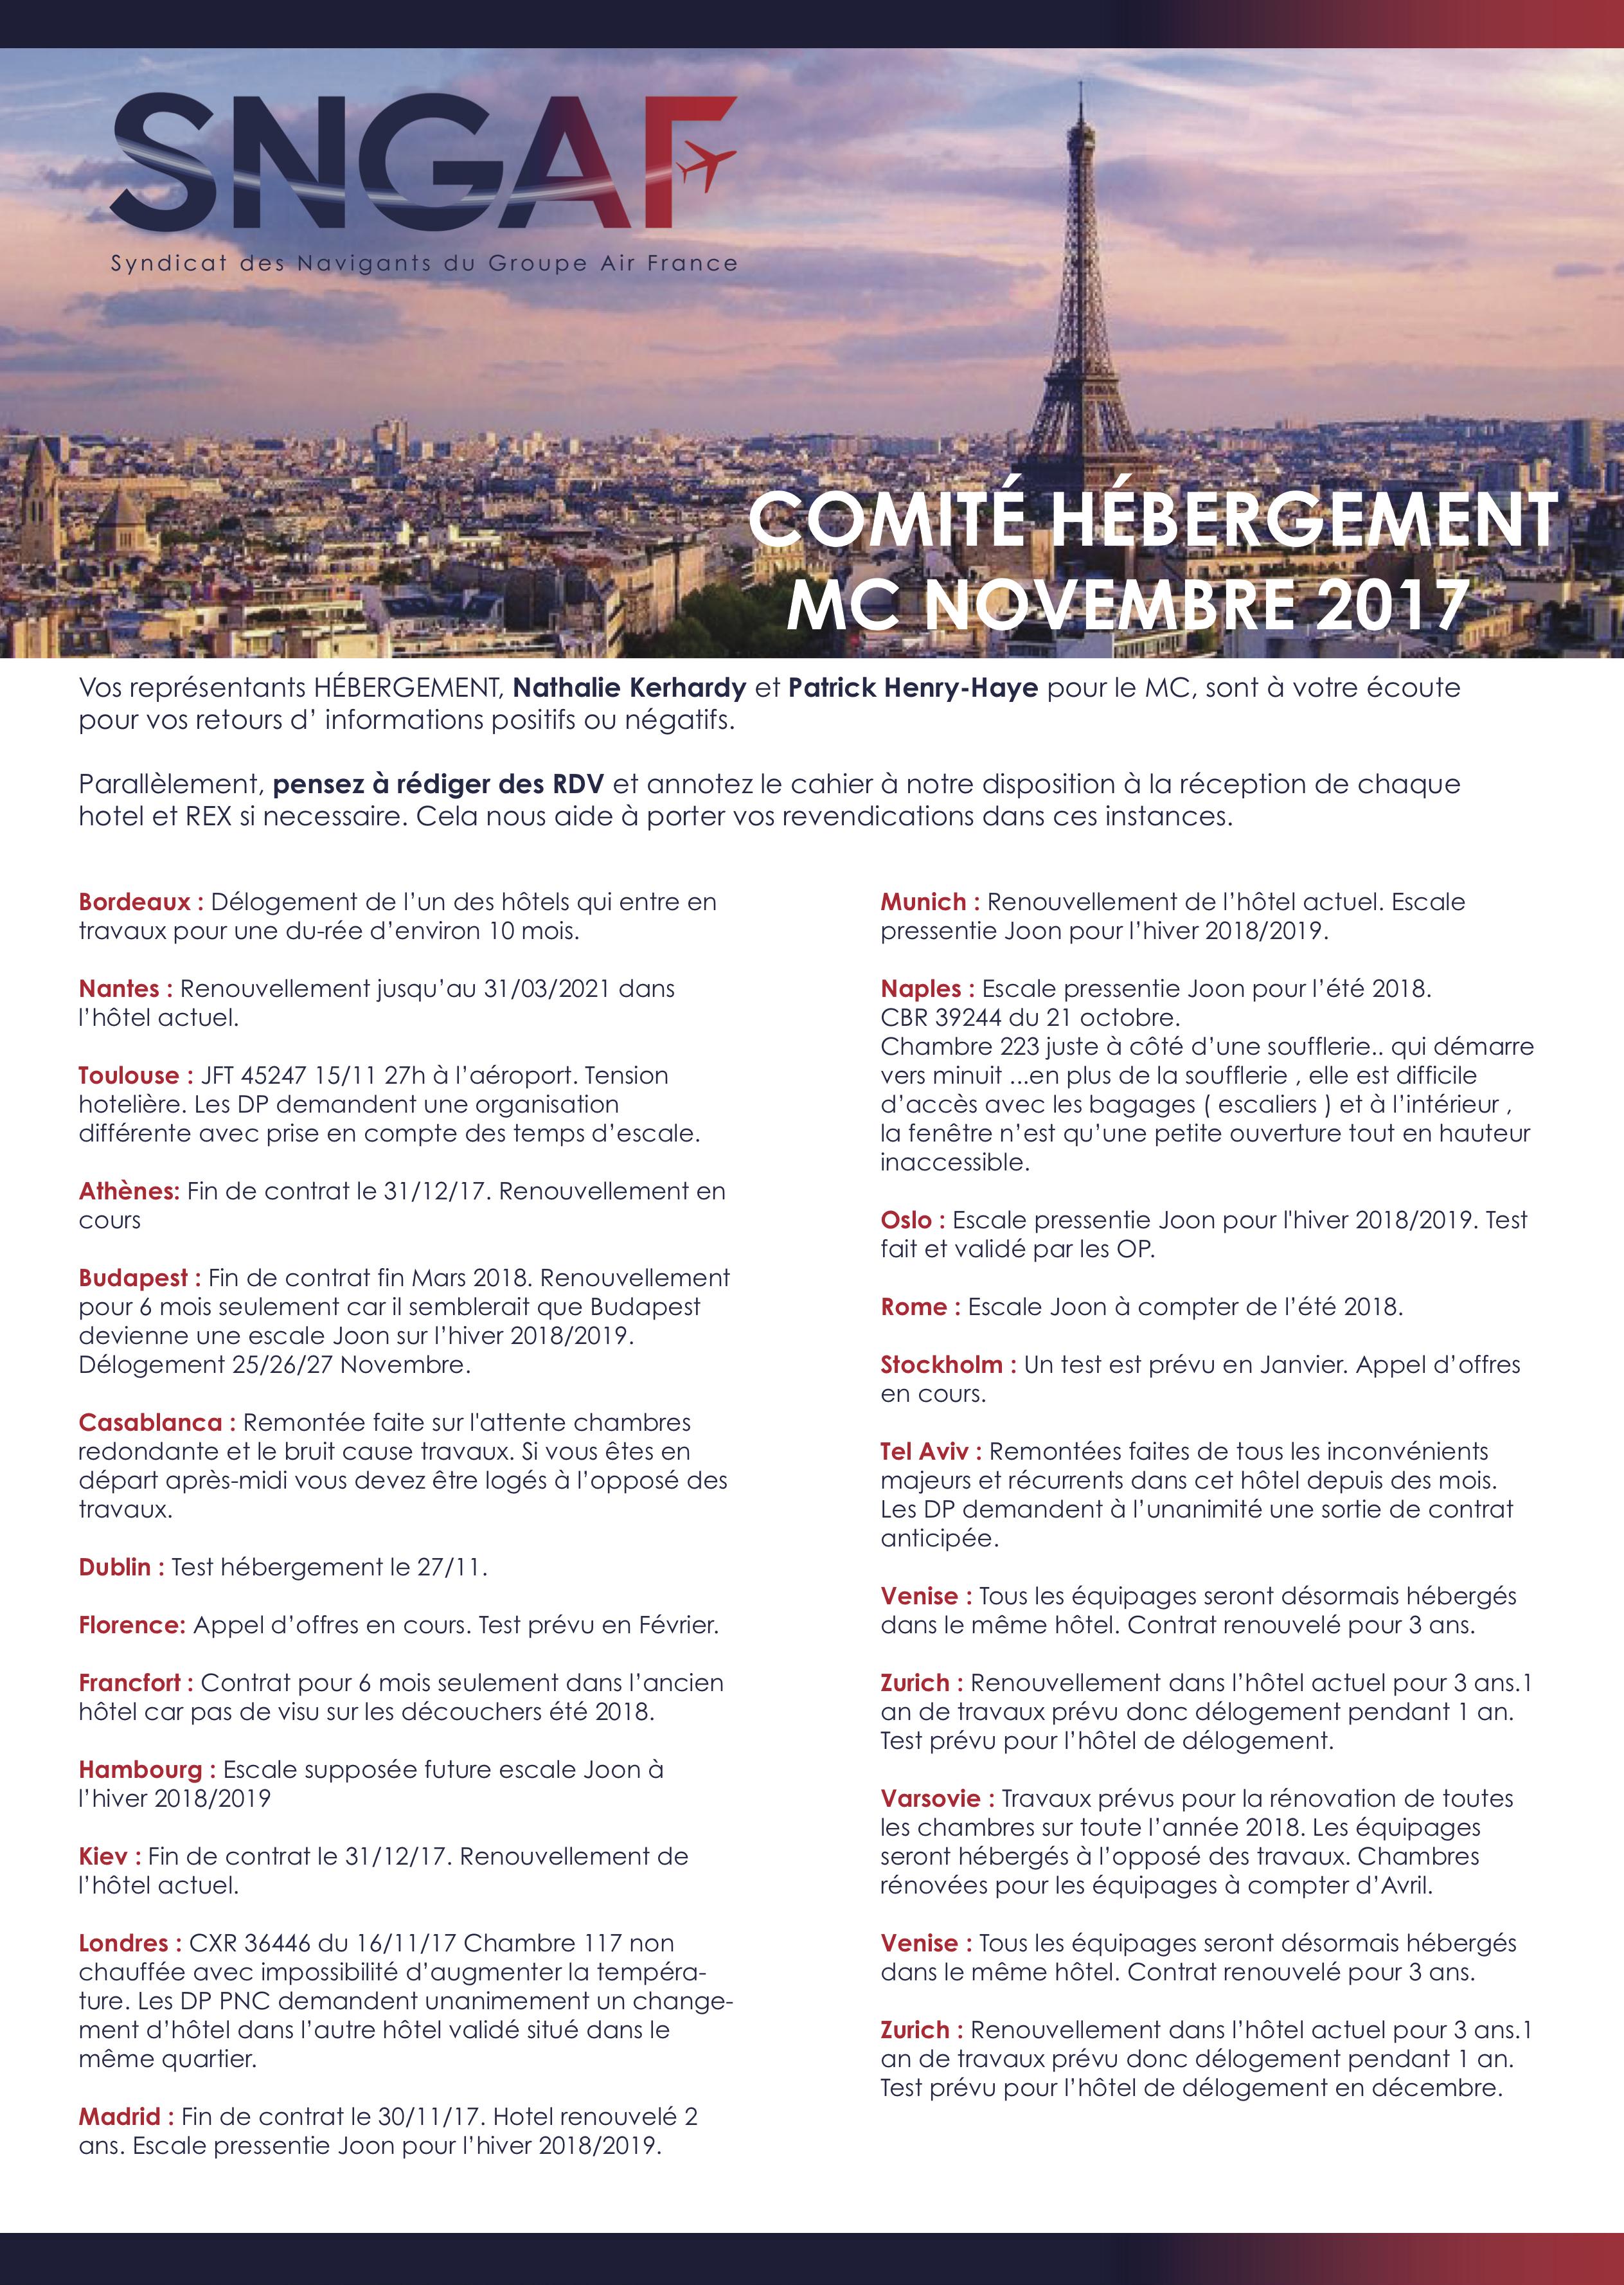 CH-MC-NOVEMBRE-2017